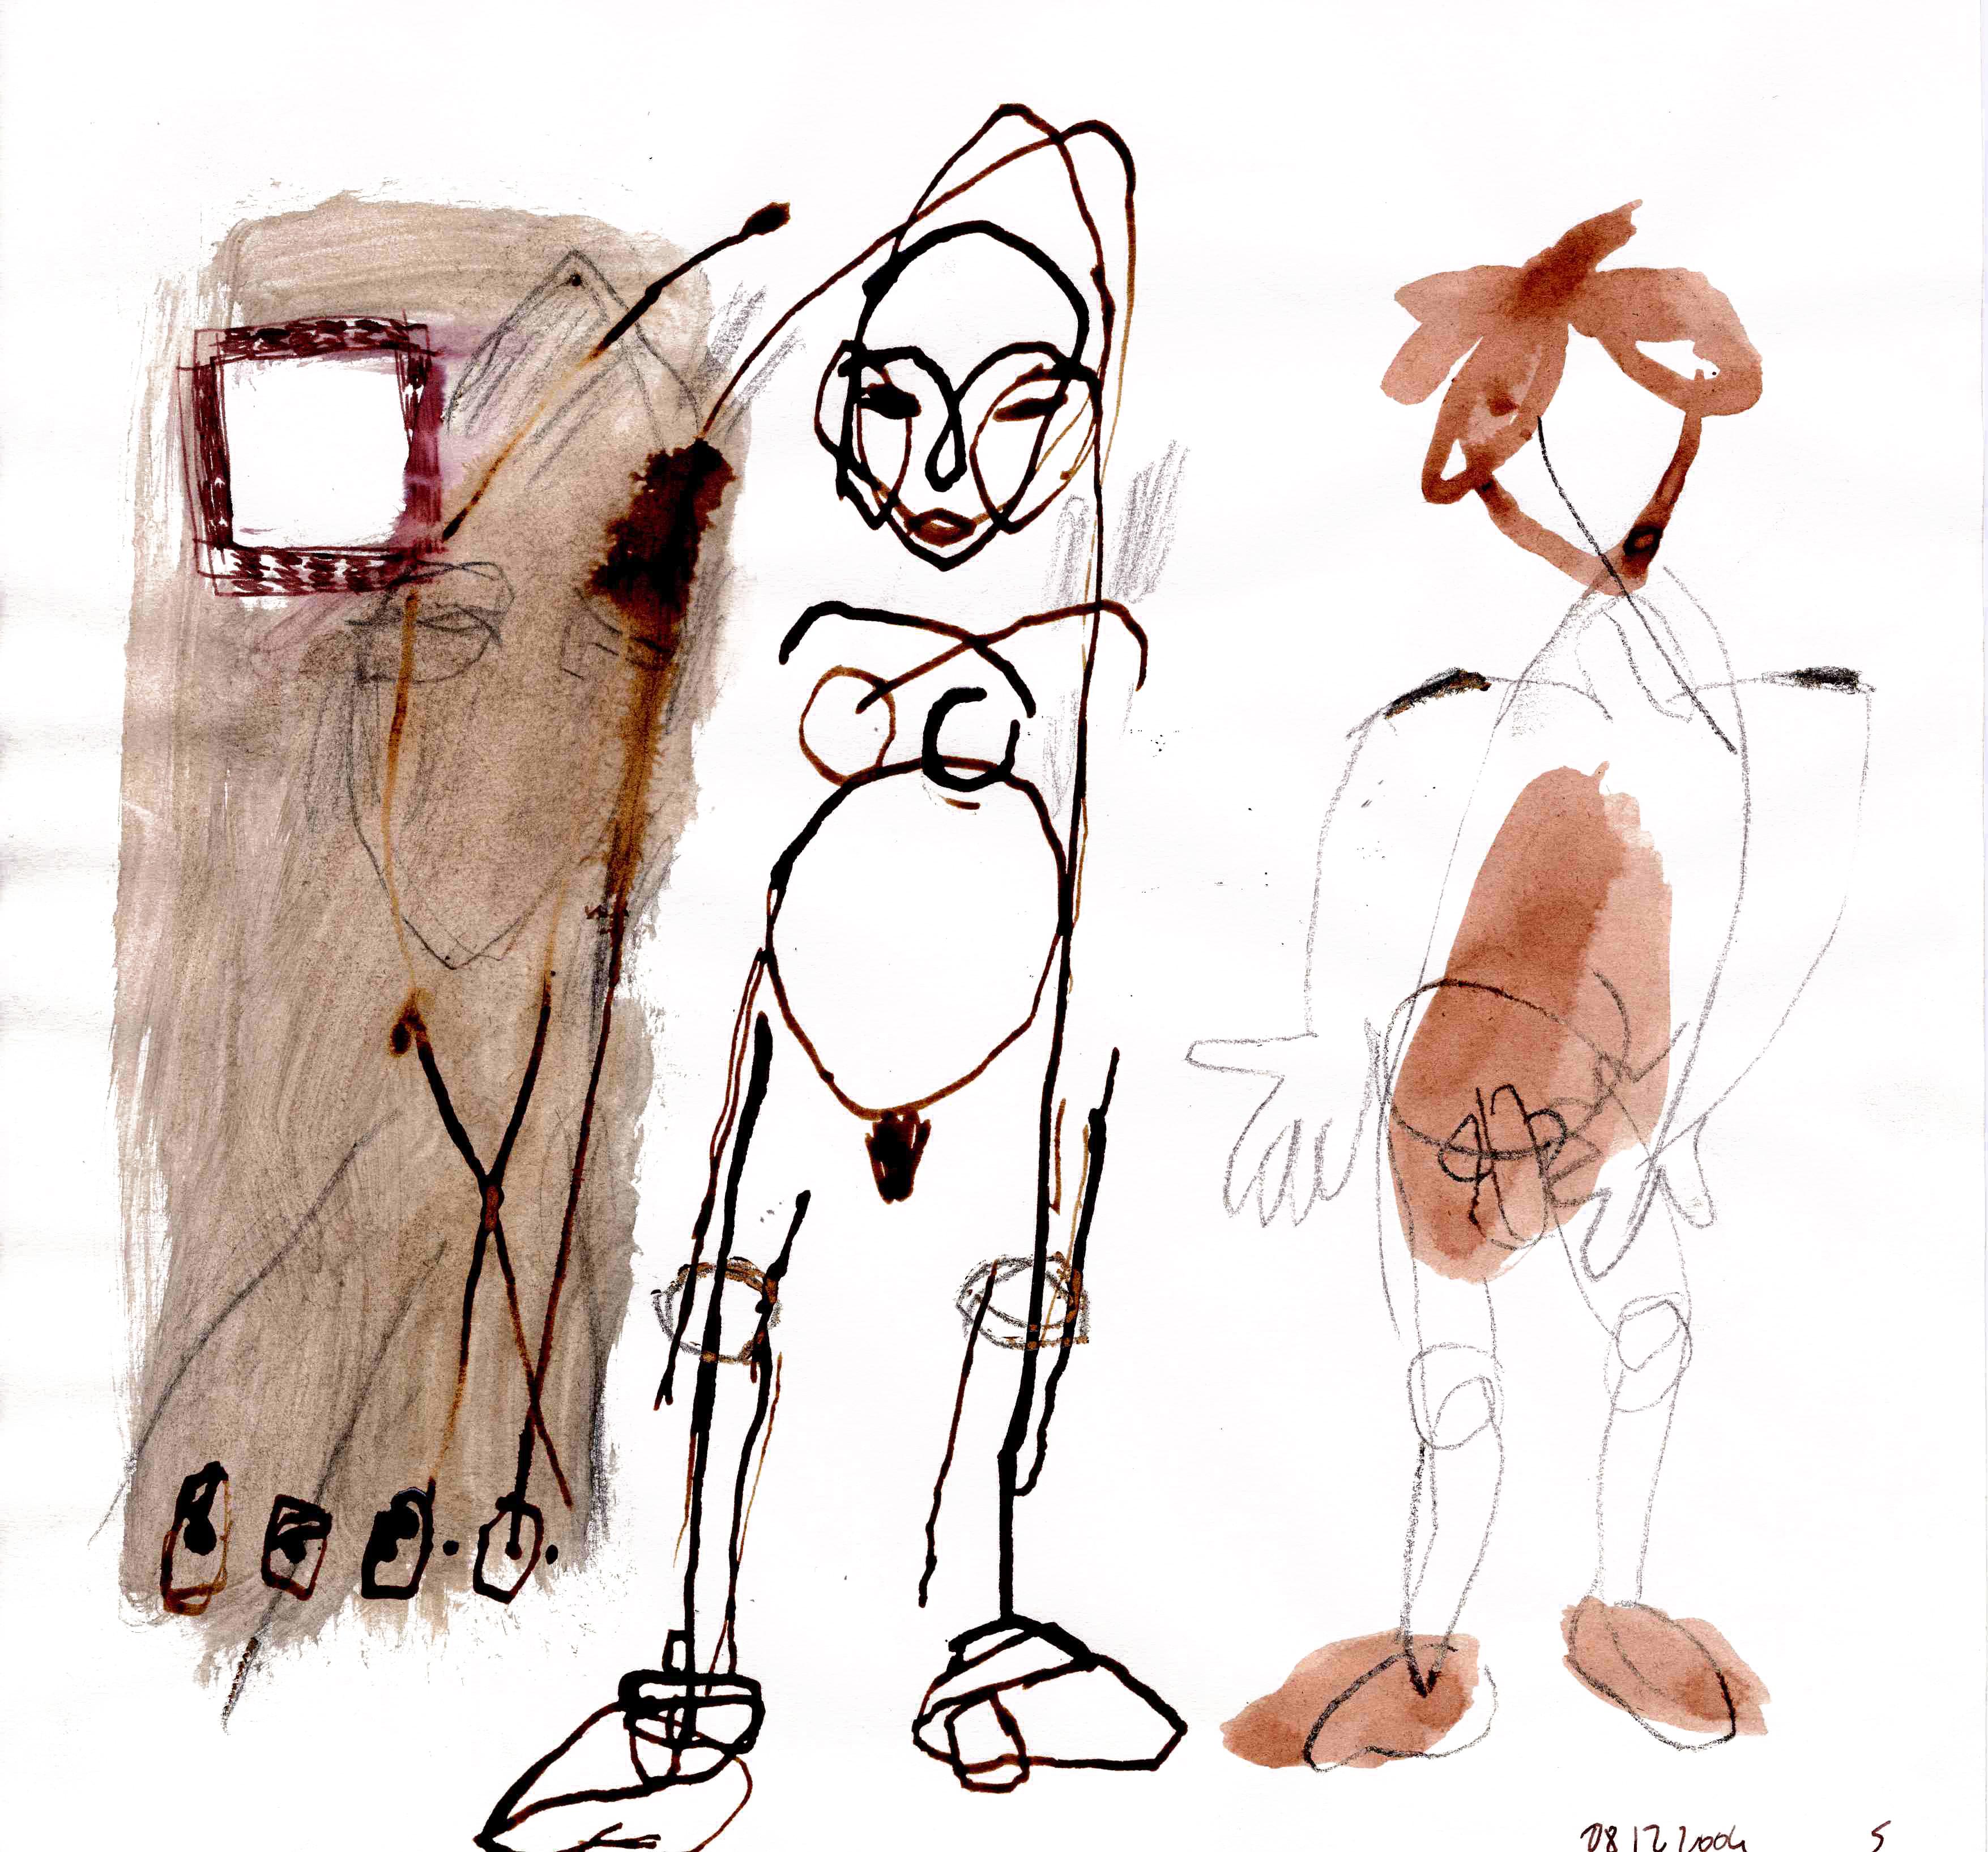 dessin028